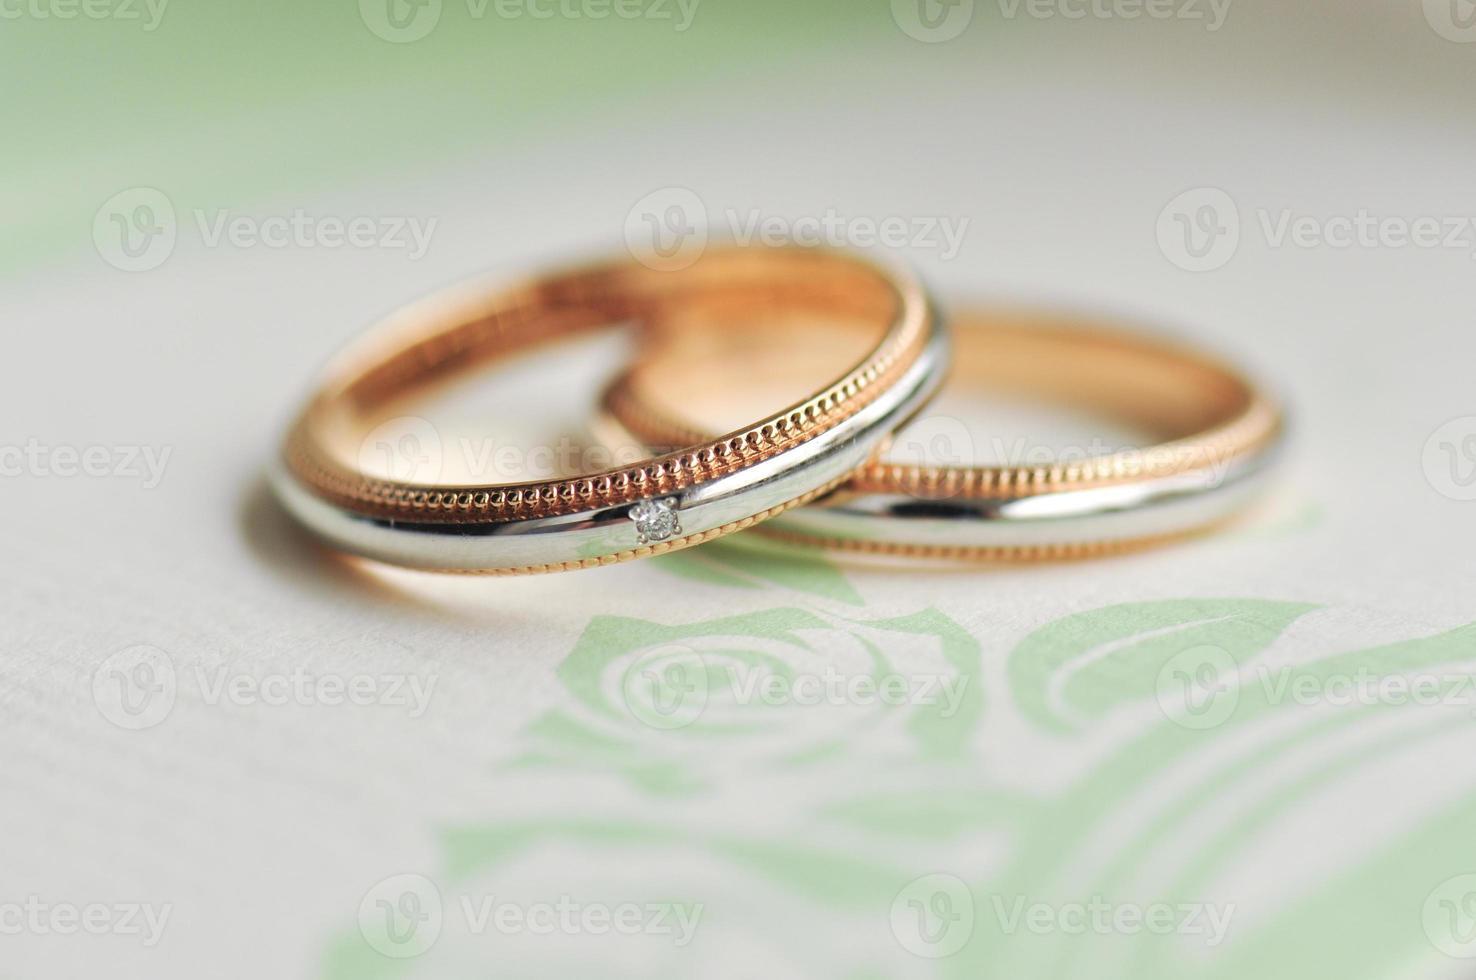 alianças de casamento relacionadas a romance e casamento foto